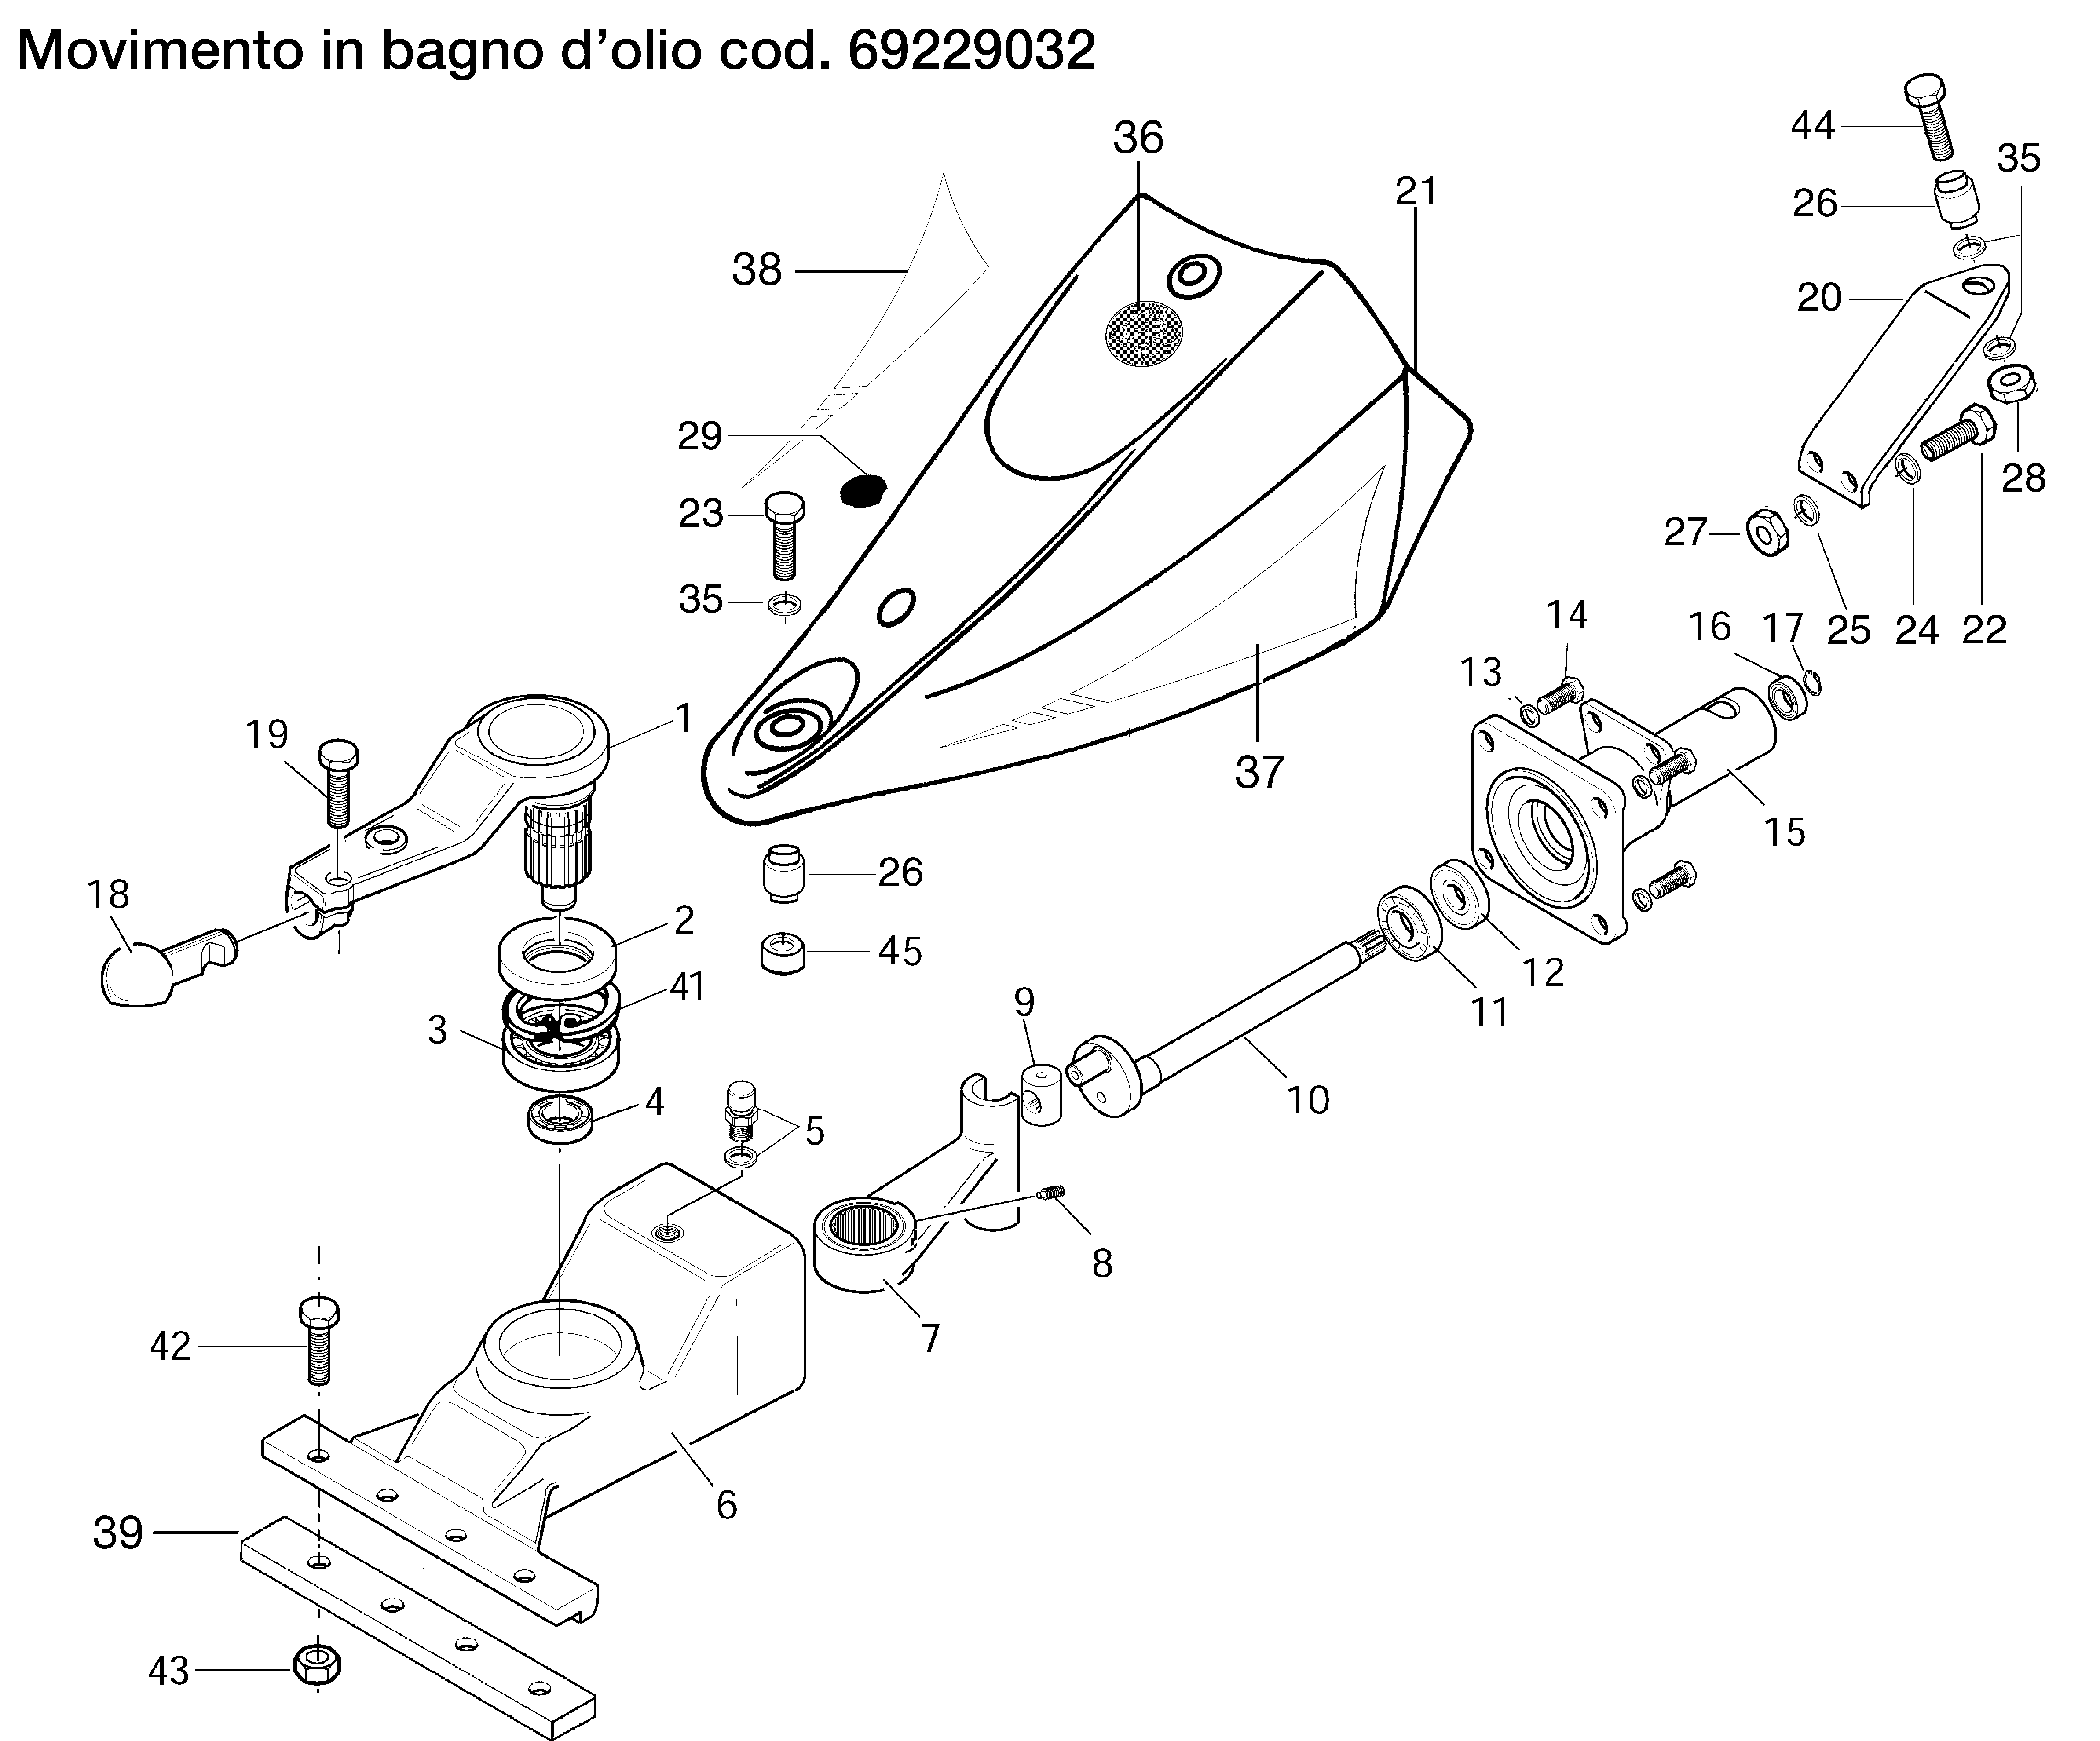 BRIK 3 (EN 709) Motoculteur OLEOMAC NIBBI vue éclatée Dessins pièces -  Mouvement en bain d huile 69229032